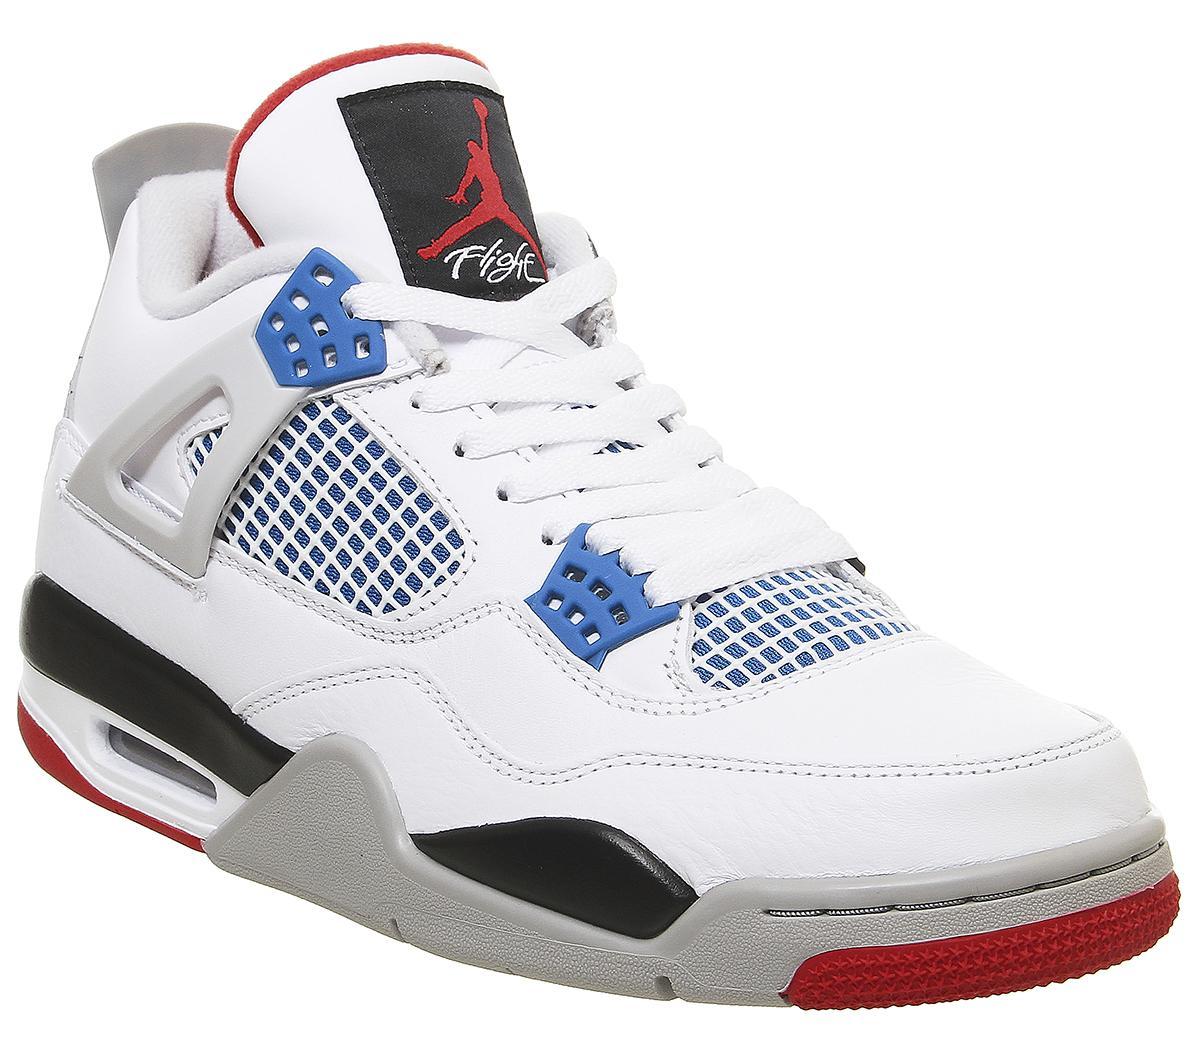 Jordan Jordan 4 Retro Trainers What The